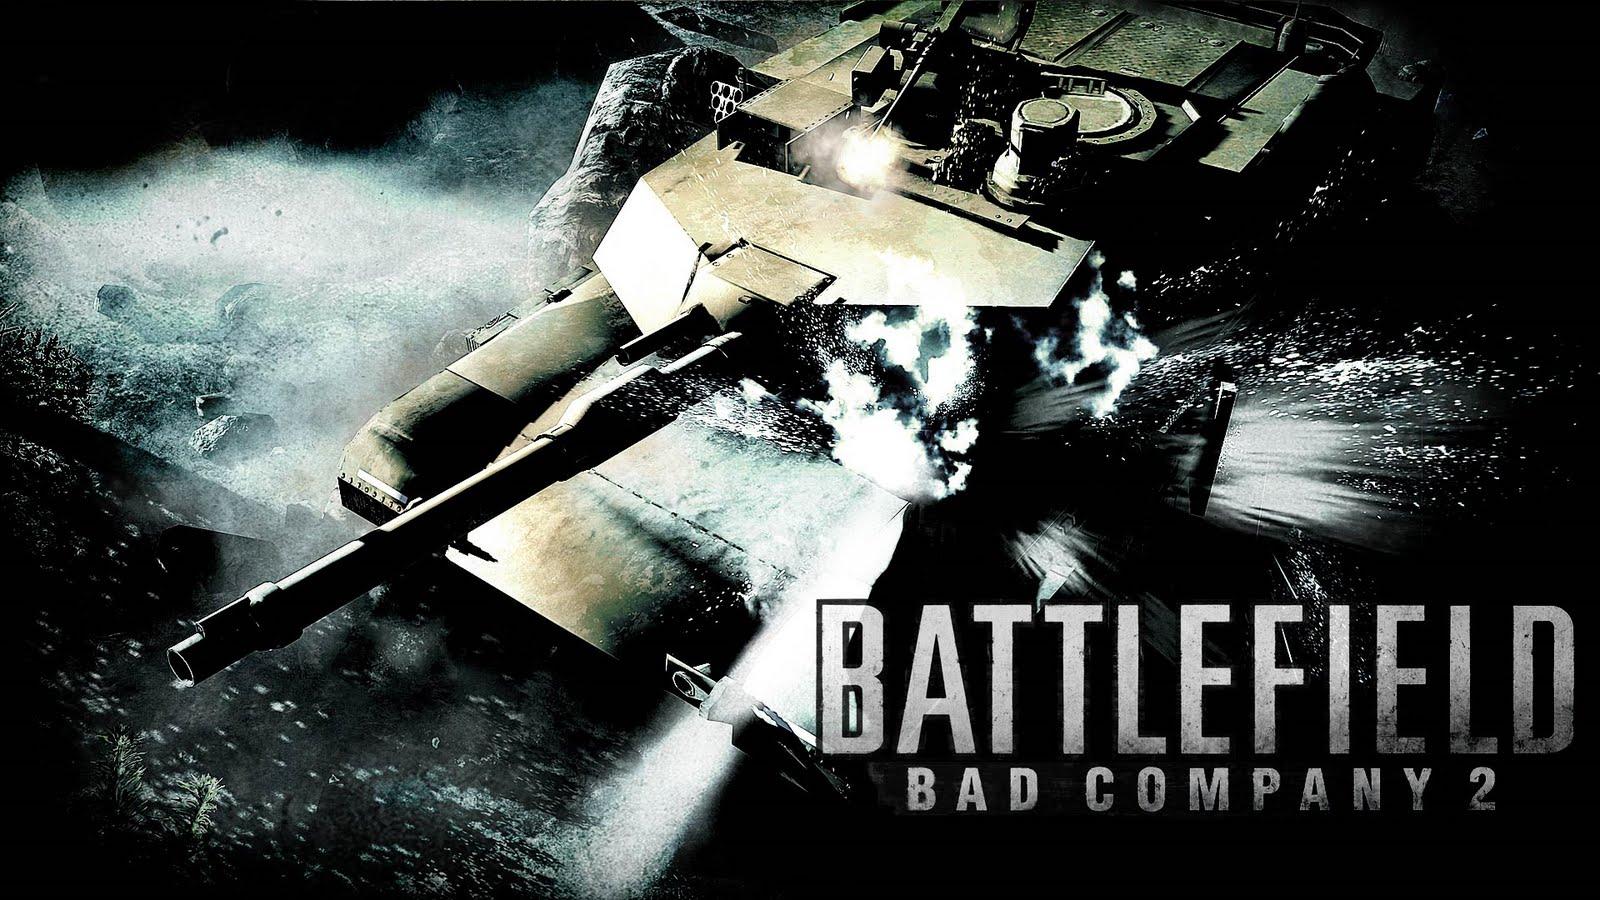 http://4.bp.blogspot.com/-ORRZaXvNhyM/TZcNiJgtw6I/AAAAAAAABUg/eS9x59NJgL4/s1600/Battlefield_Bad_Company_2_HD_Wallpapers_3.jpg